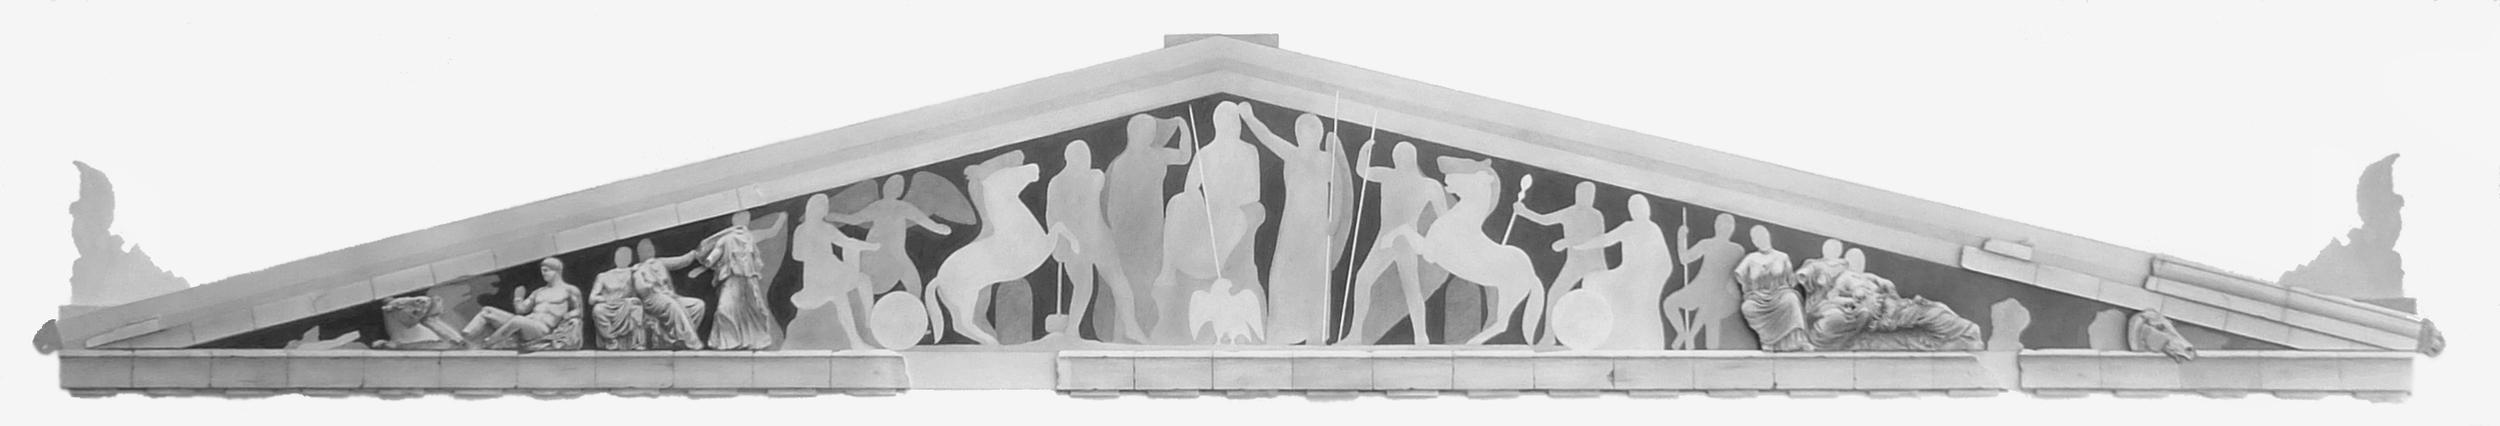 'Parthenon Pediment (East)'